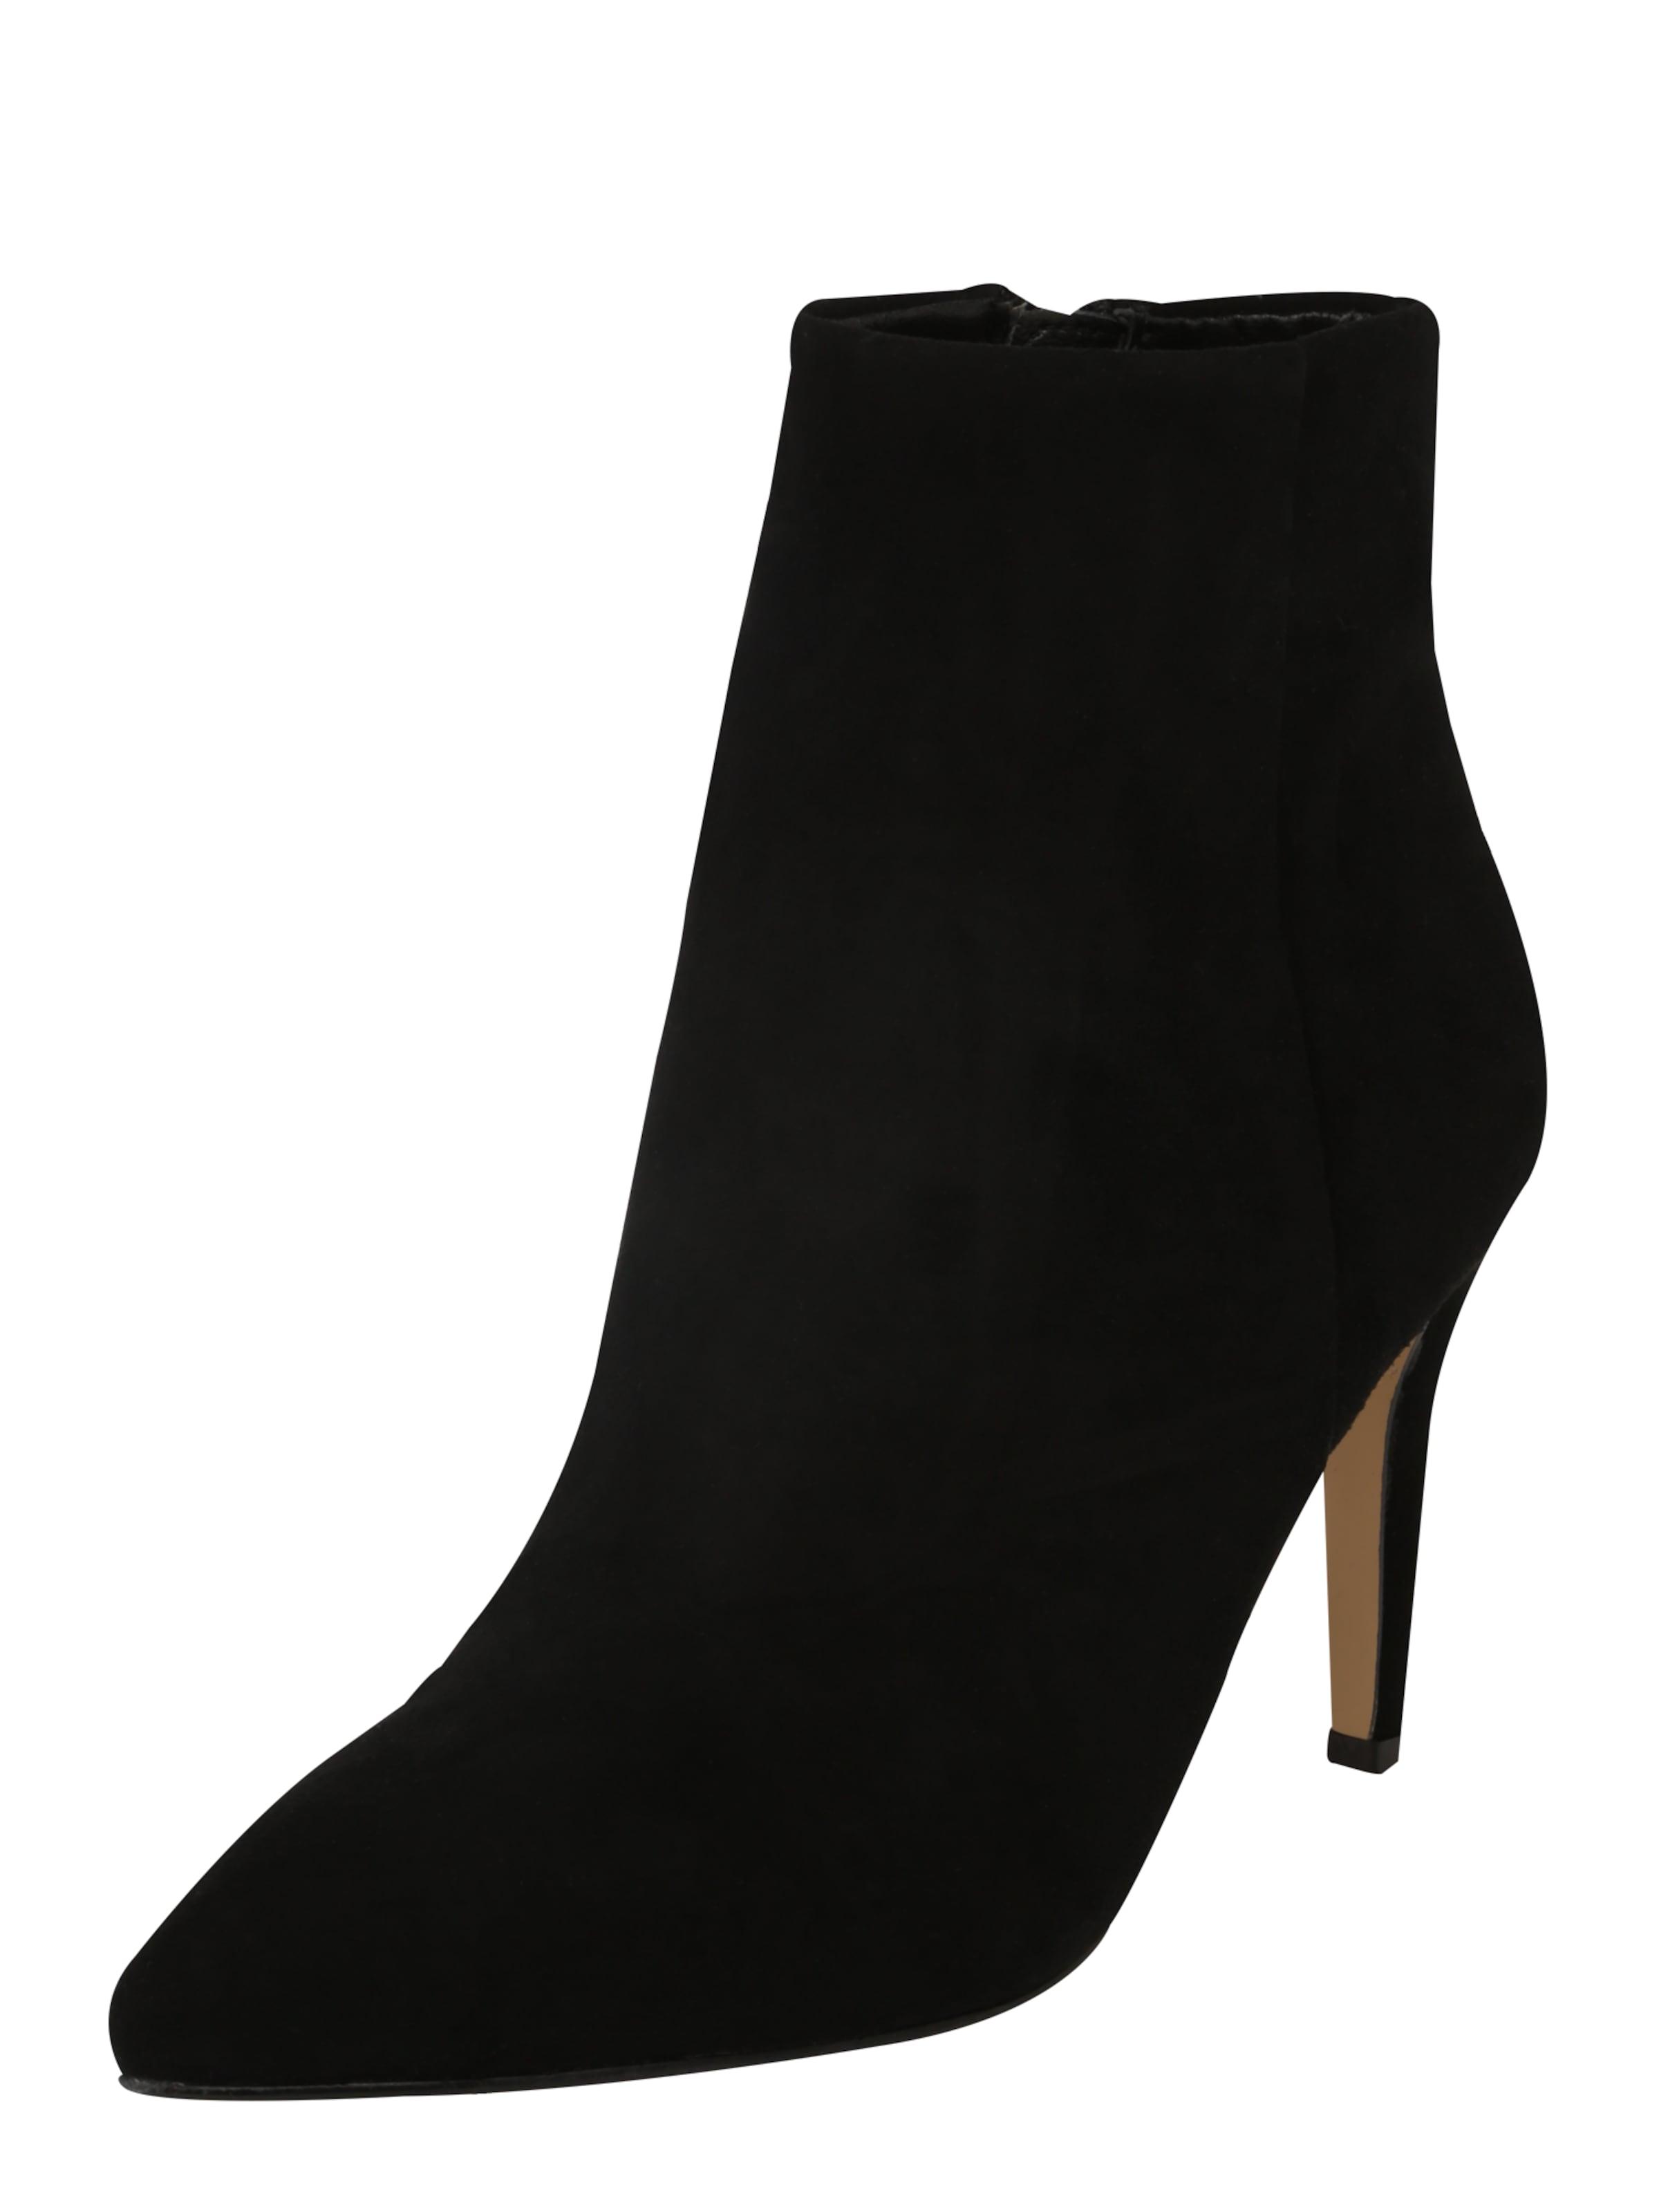 BUFFALO Stiefelette Verschleißfeste billige Schuhe Hohe Qualität